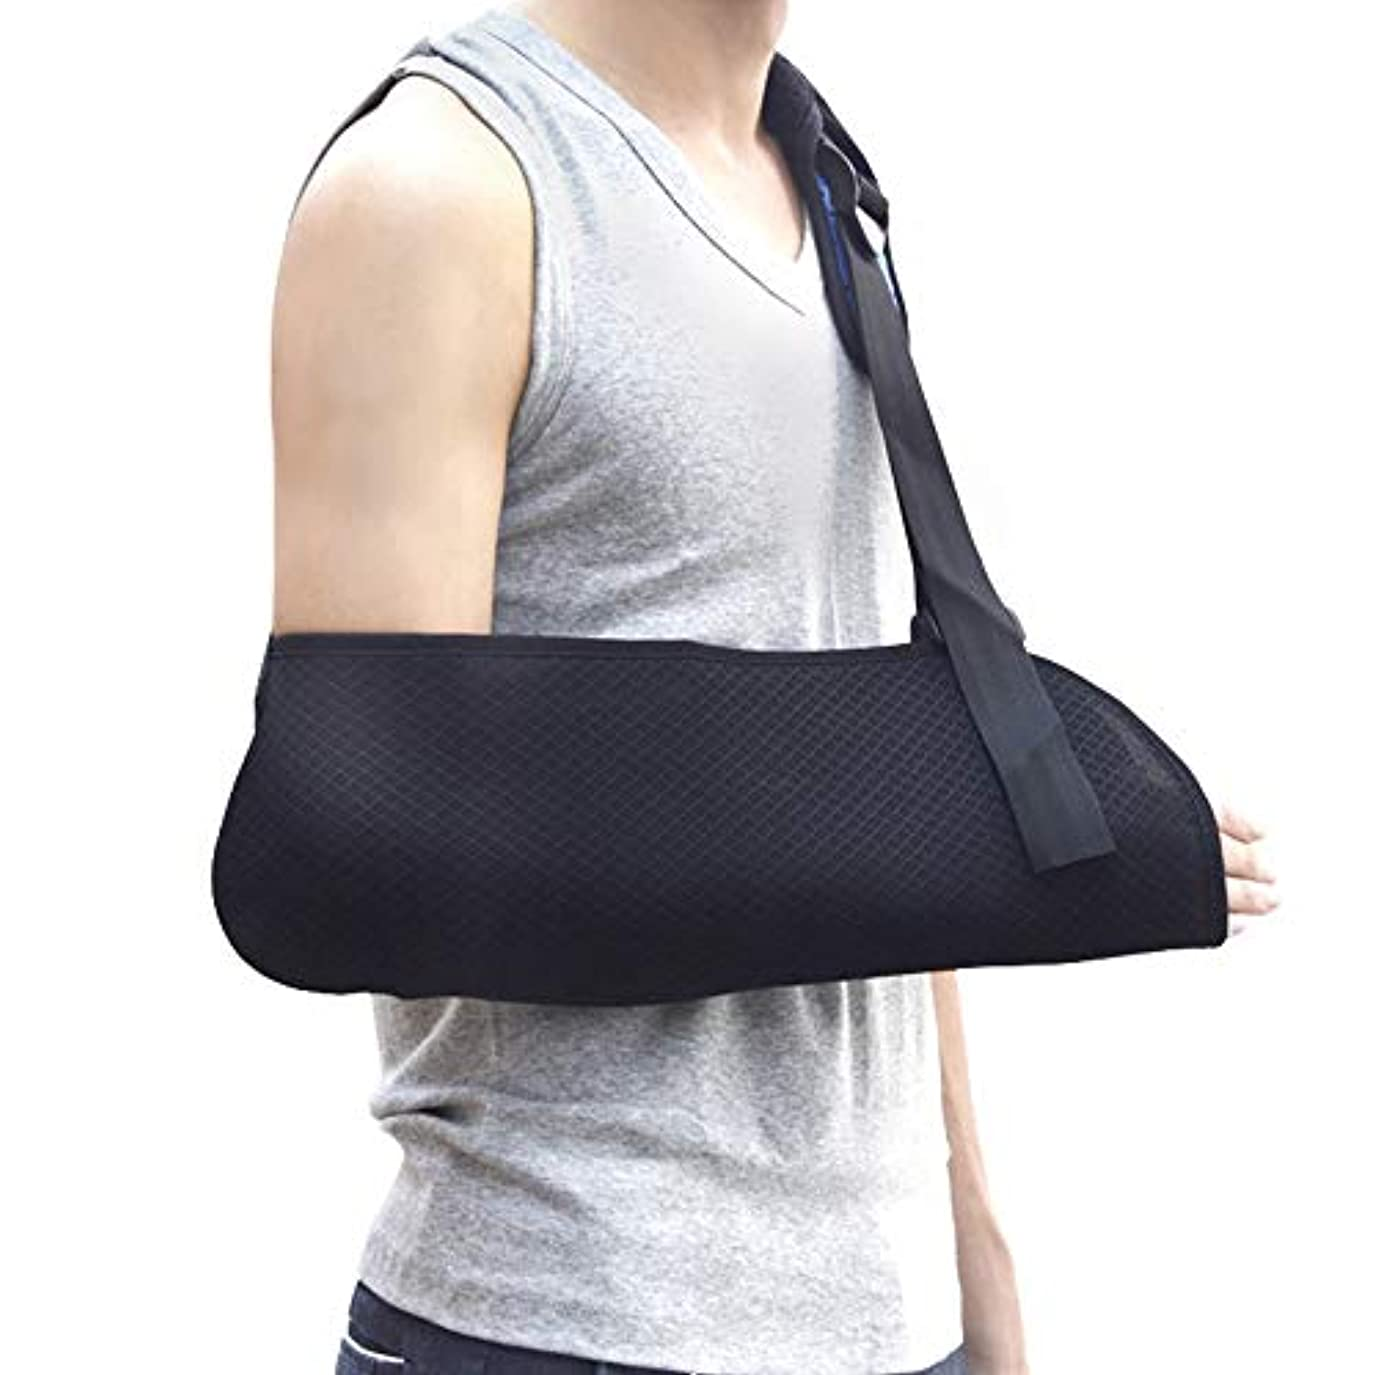 おばさんおばさん大聖堂アームスリング、軽量、通気性、人間工学に基づいて設計された医療用スリング-骨折や骨折した骨用の調整可能なアーム、肩、および回旋腱板のサポート,M